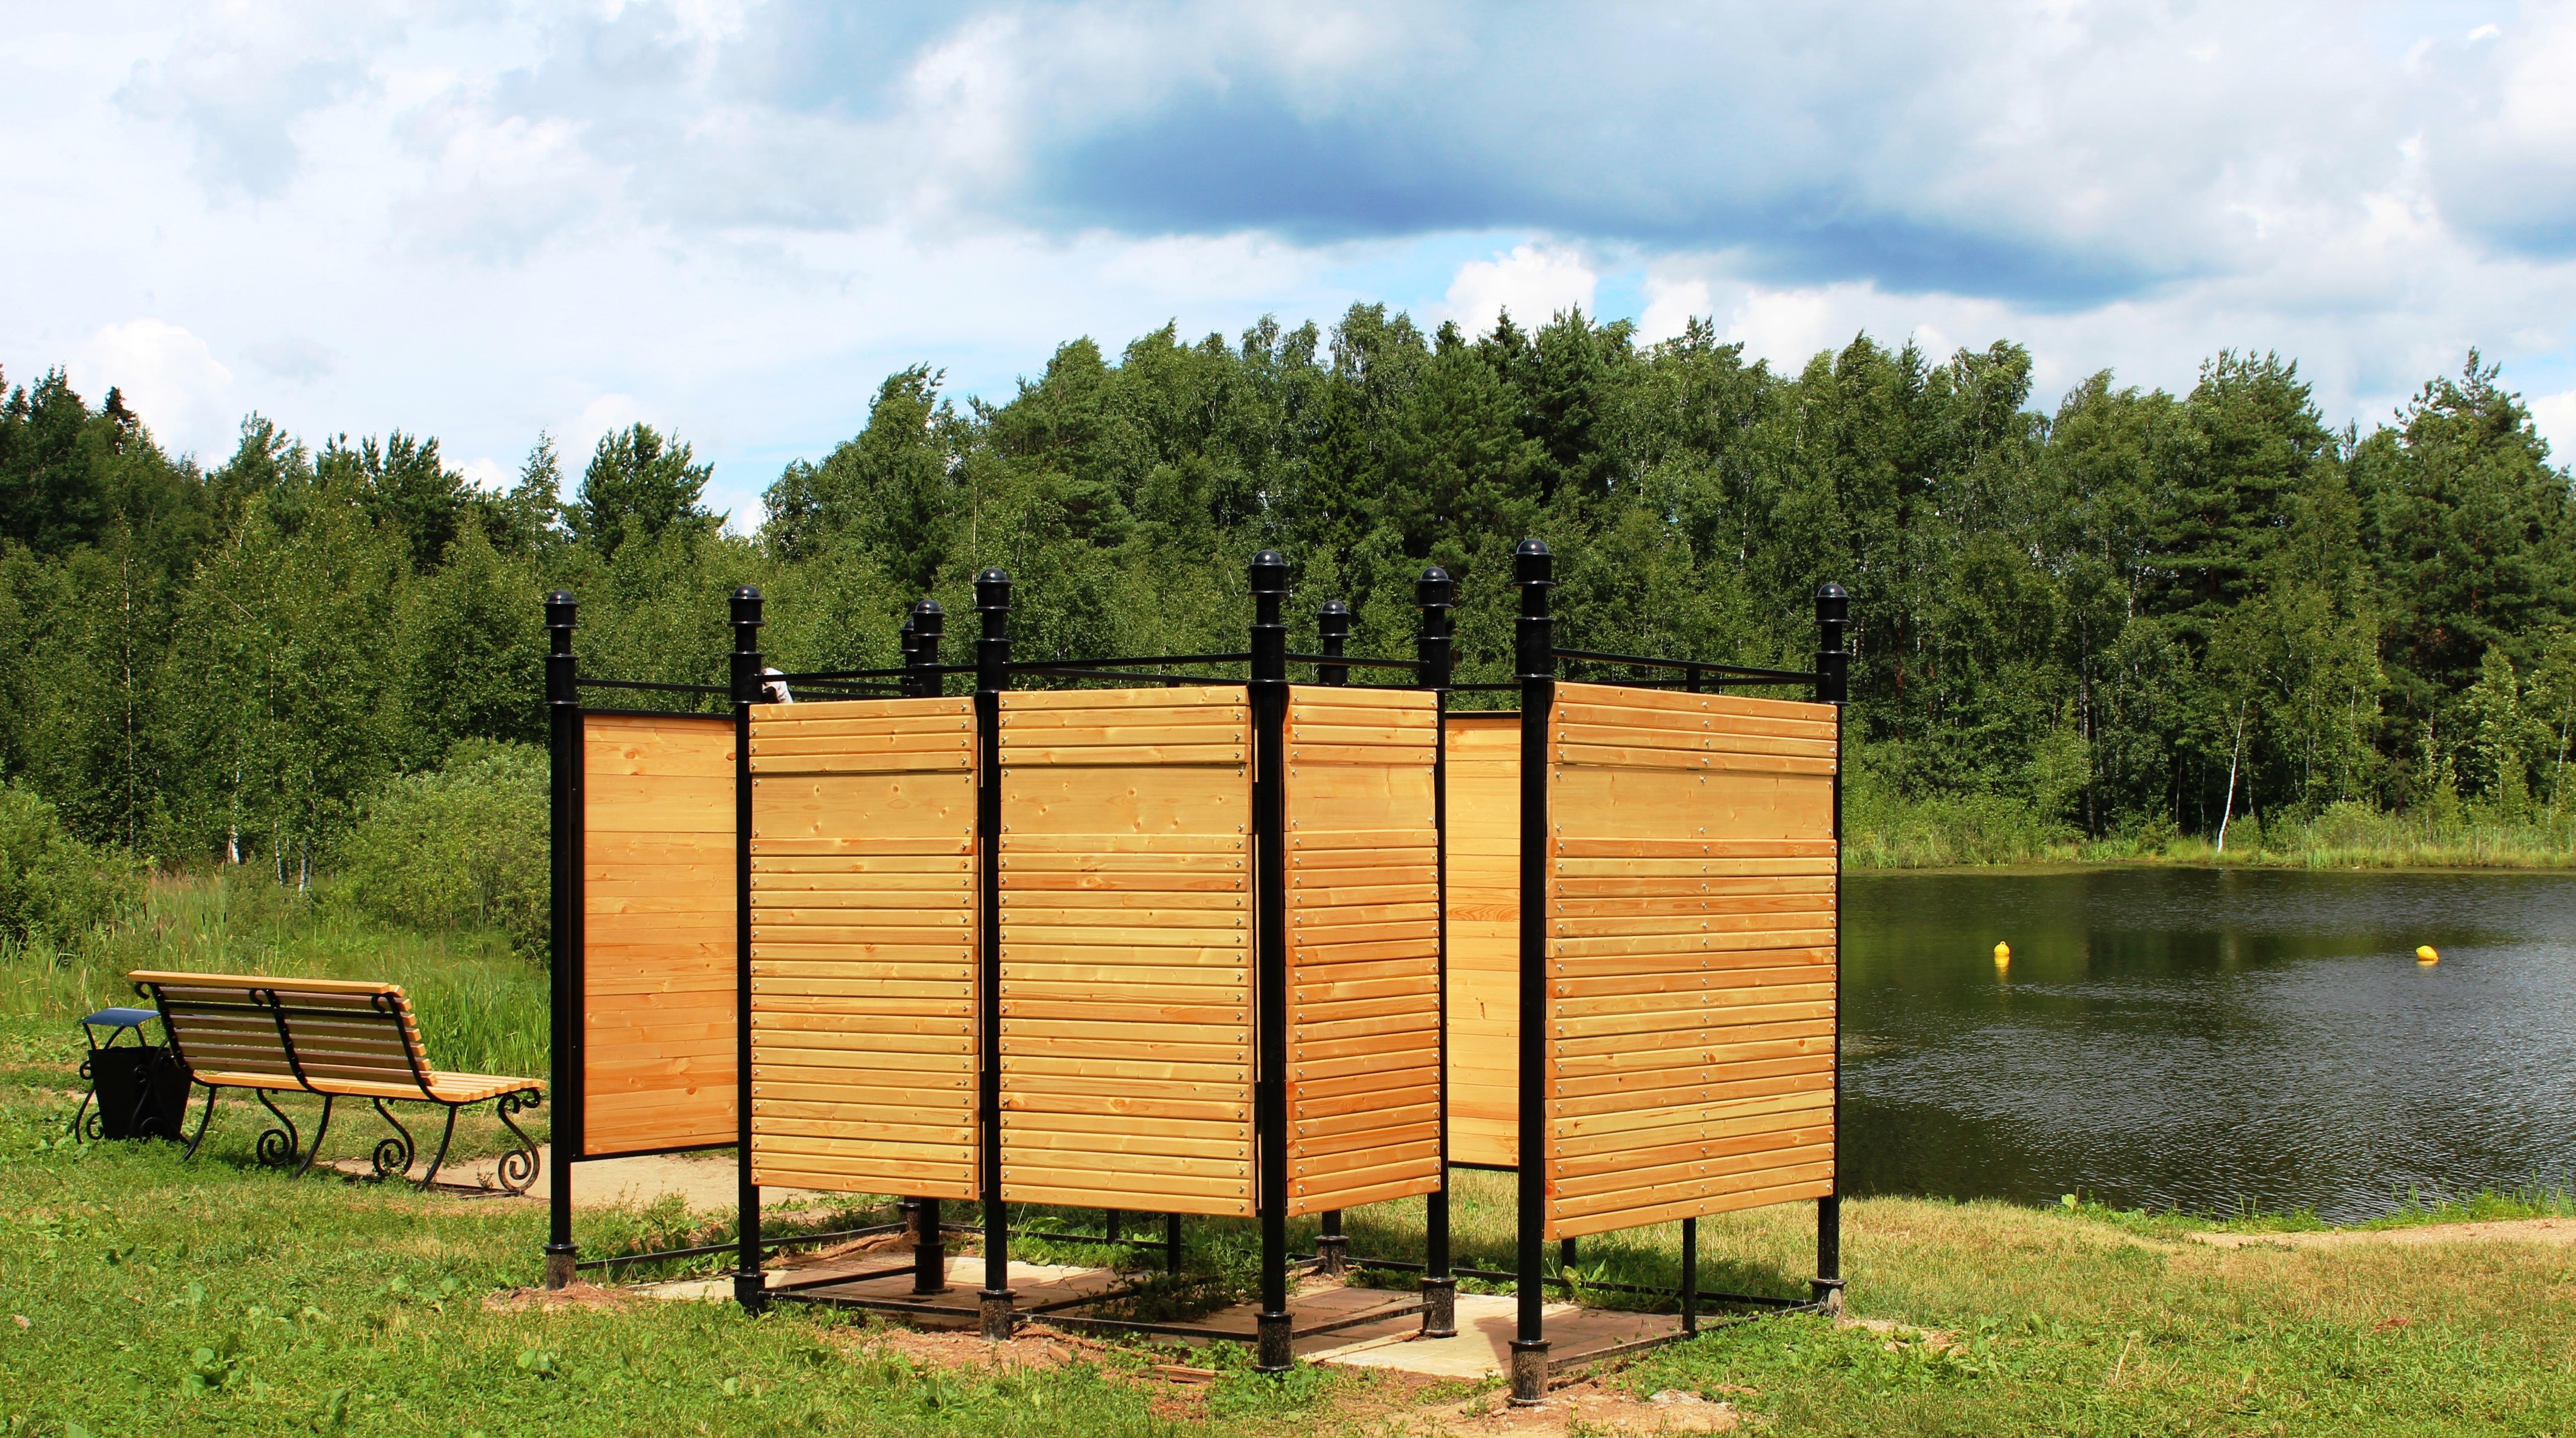 Деревянные шезлонги, парковые диваны и изящные указатели появились на Черном озере